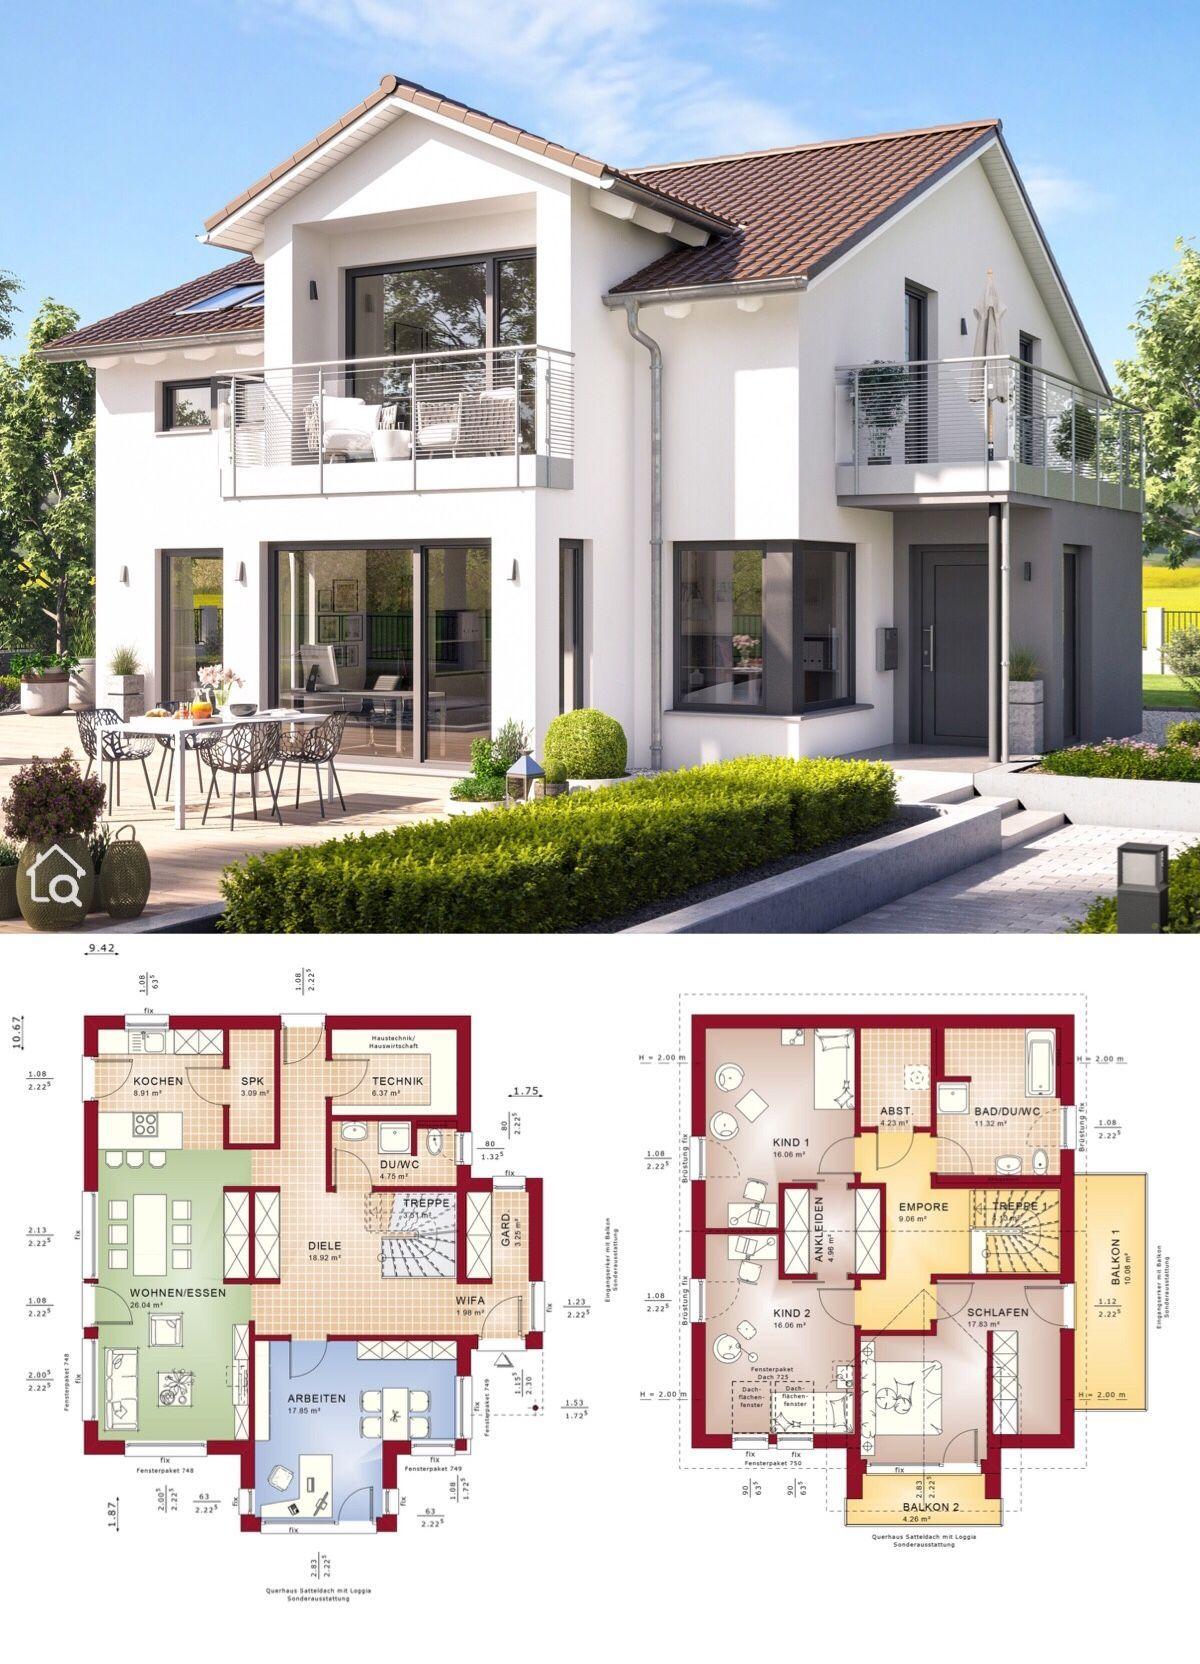 Einfamilienhaus EVOLUTION 164 V3 mit Balkon -   HausbauDirekt.de